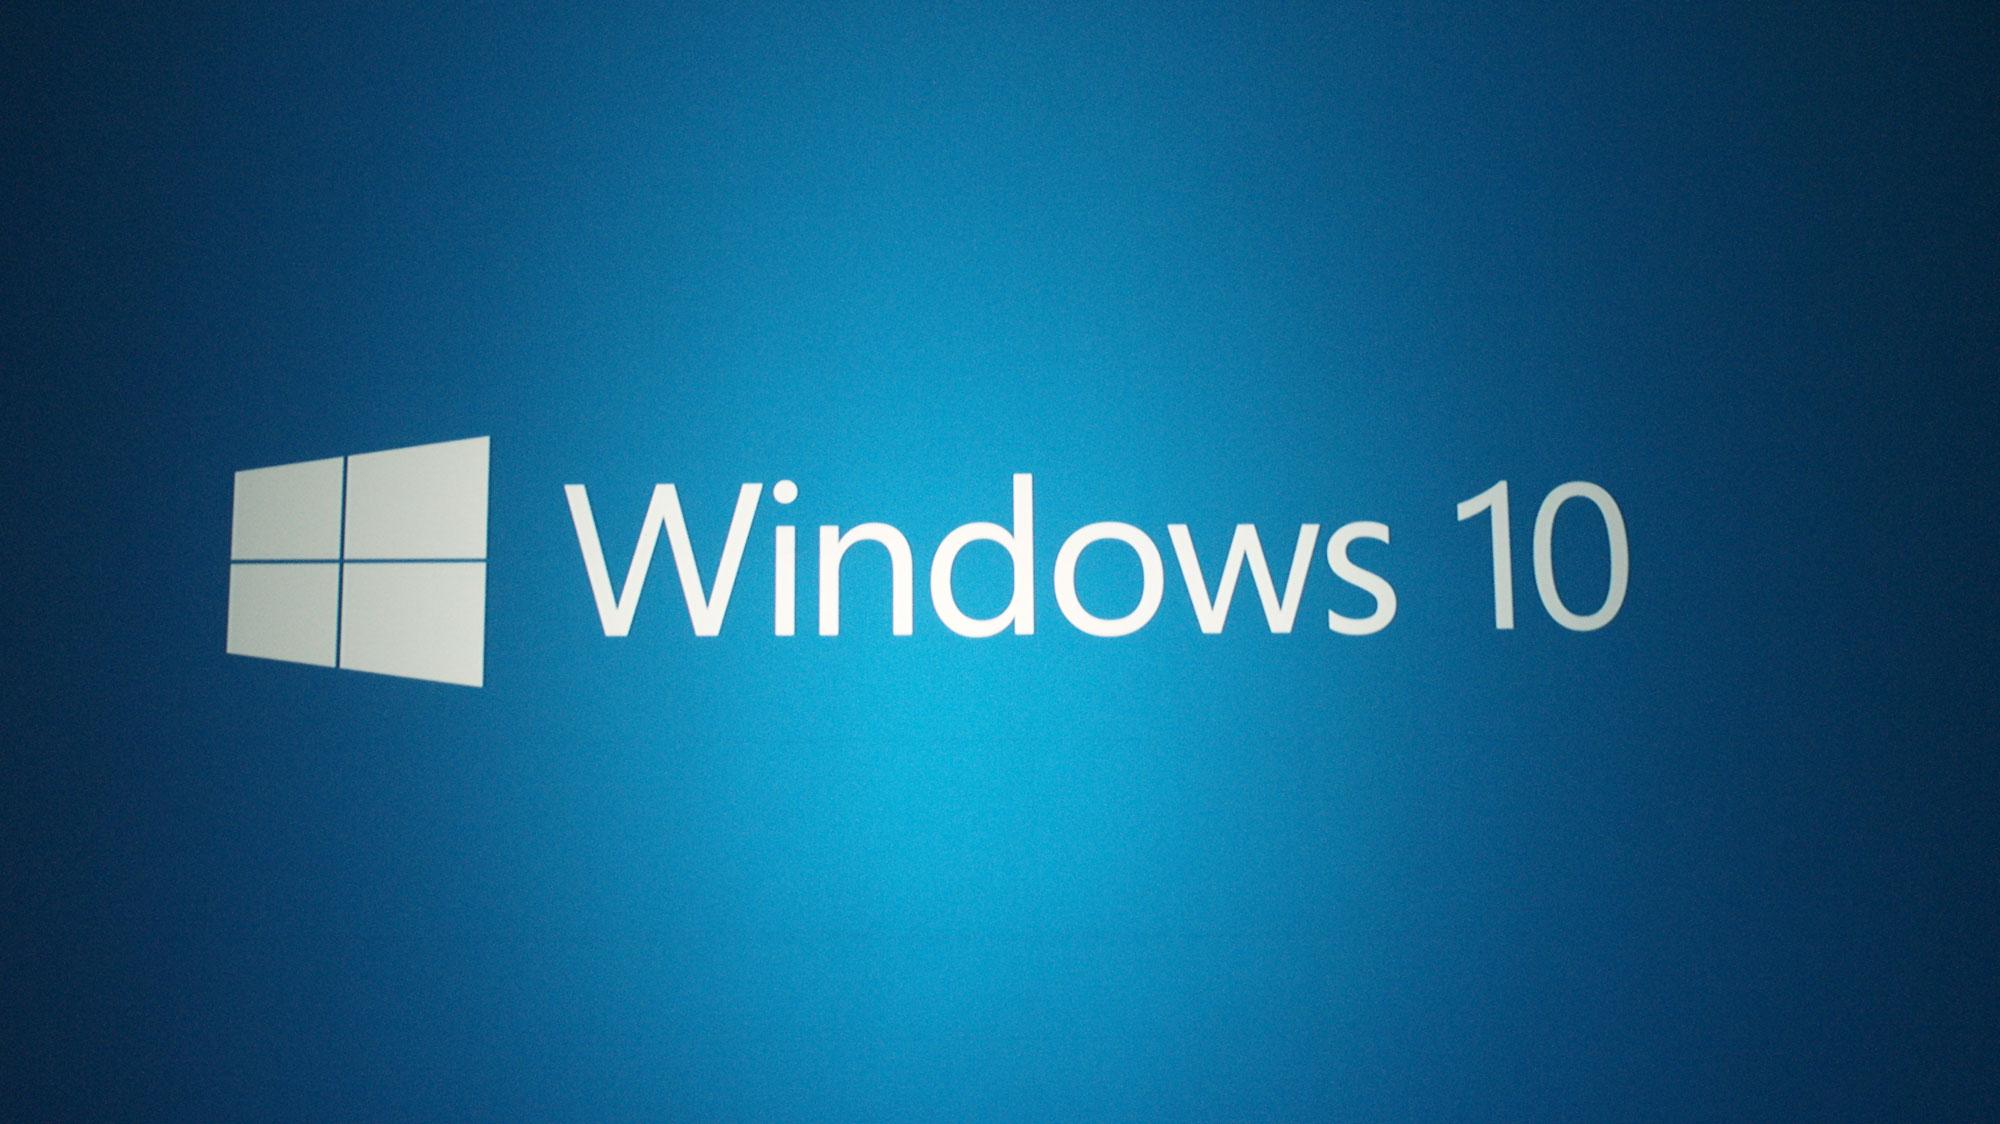 Windows 10 tanıtımını canlı izleyin!